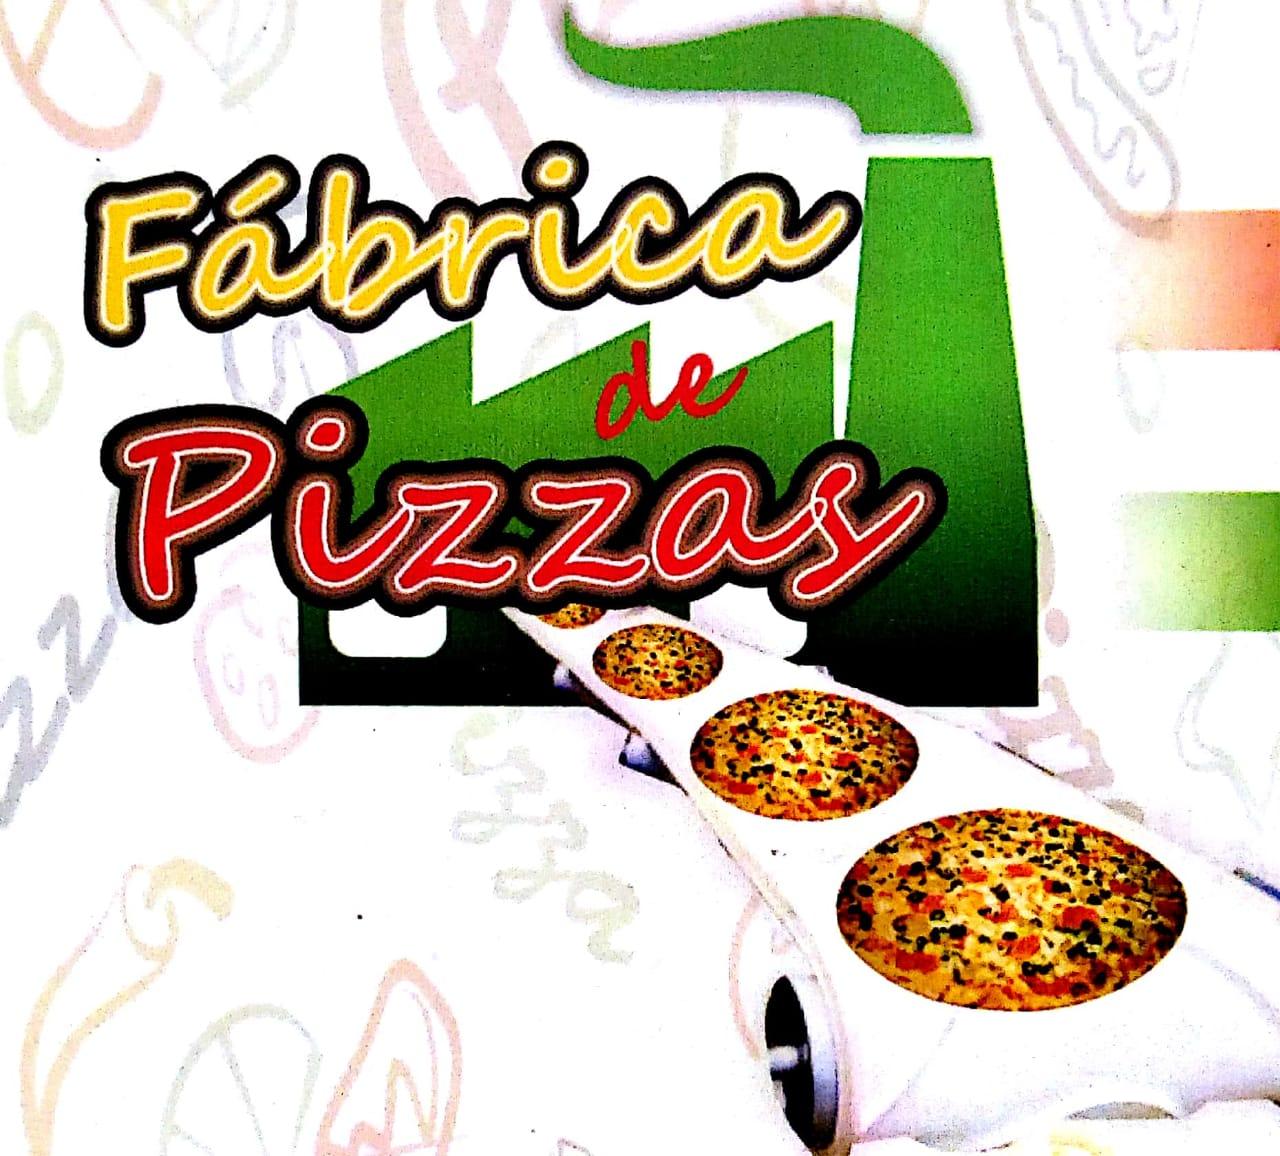 La Fabrica de Pizzas